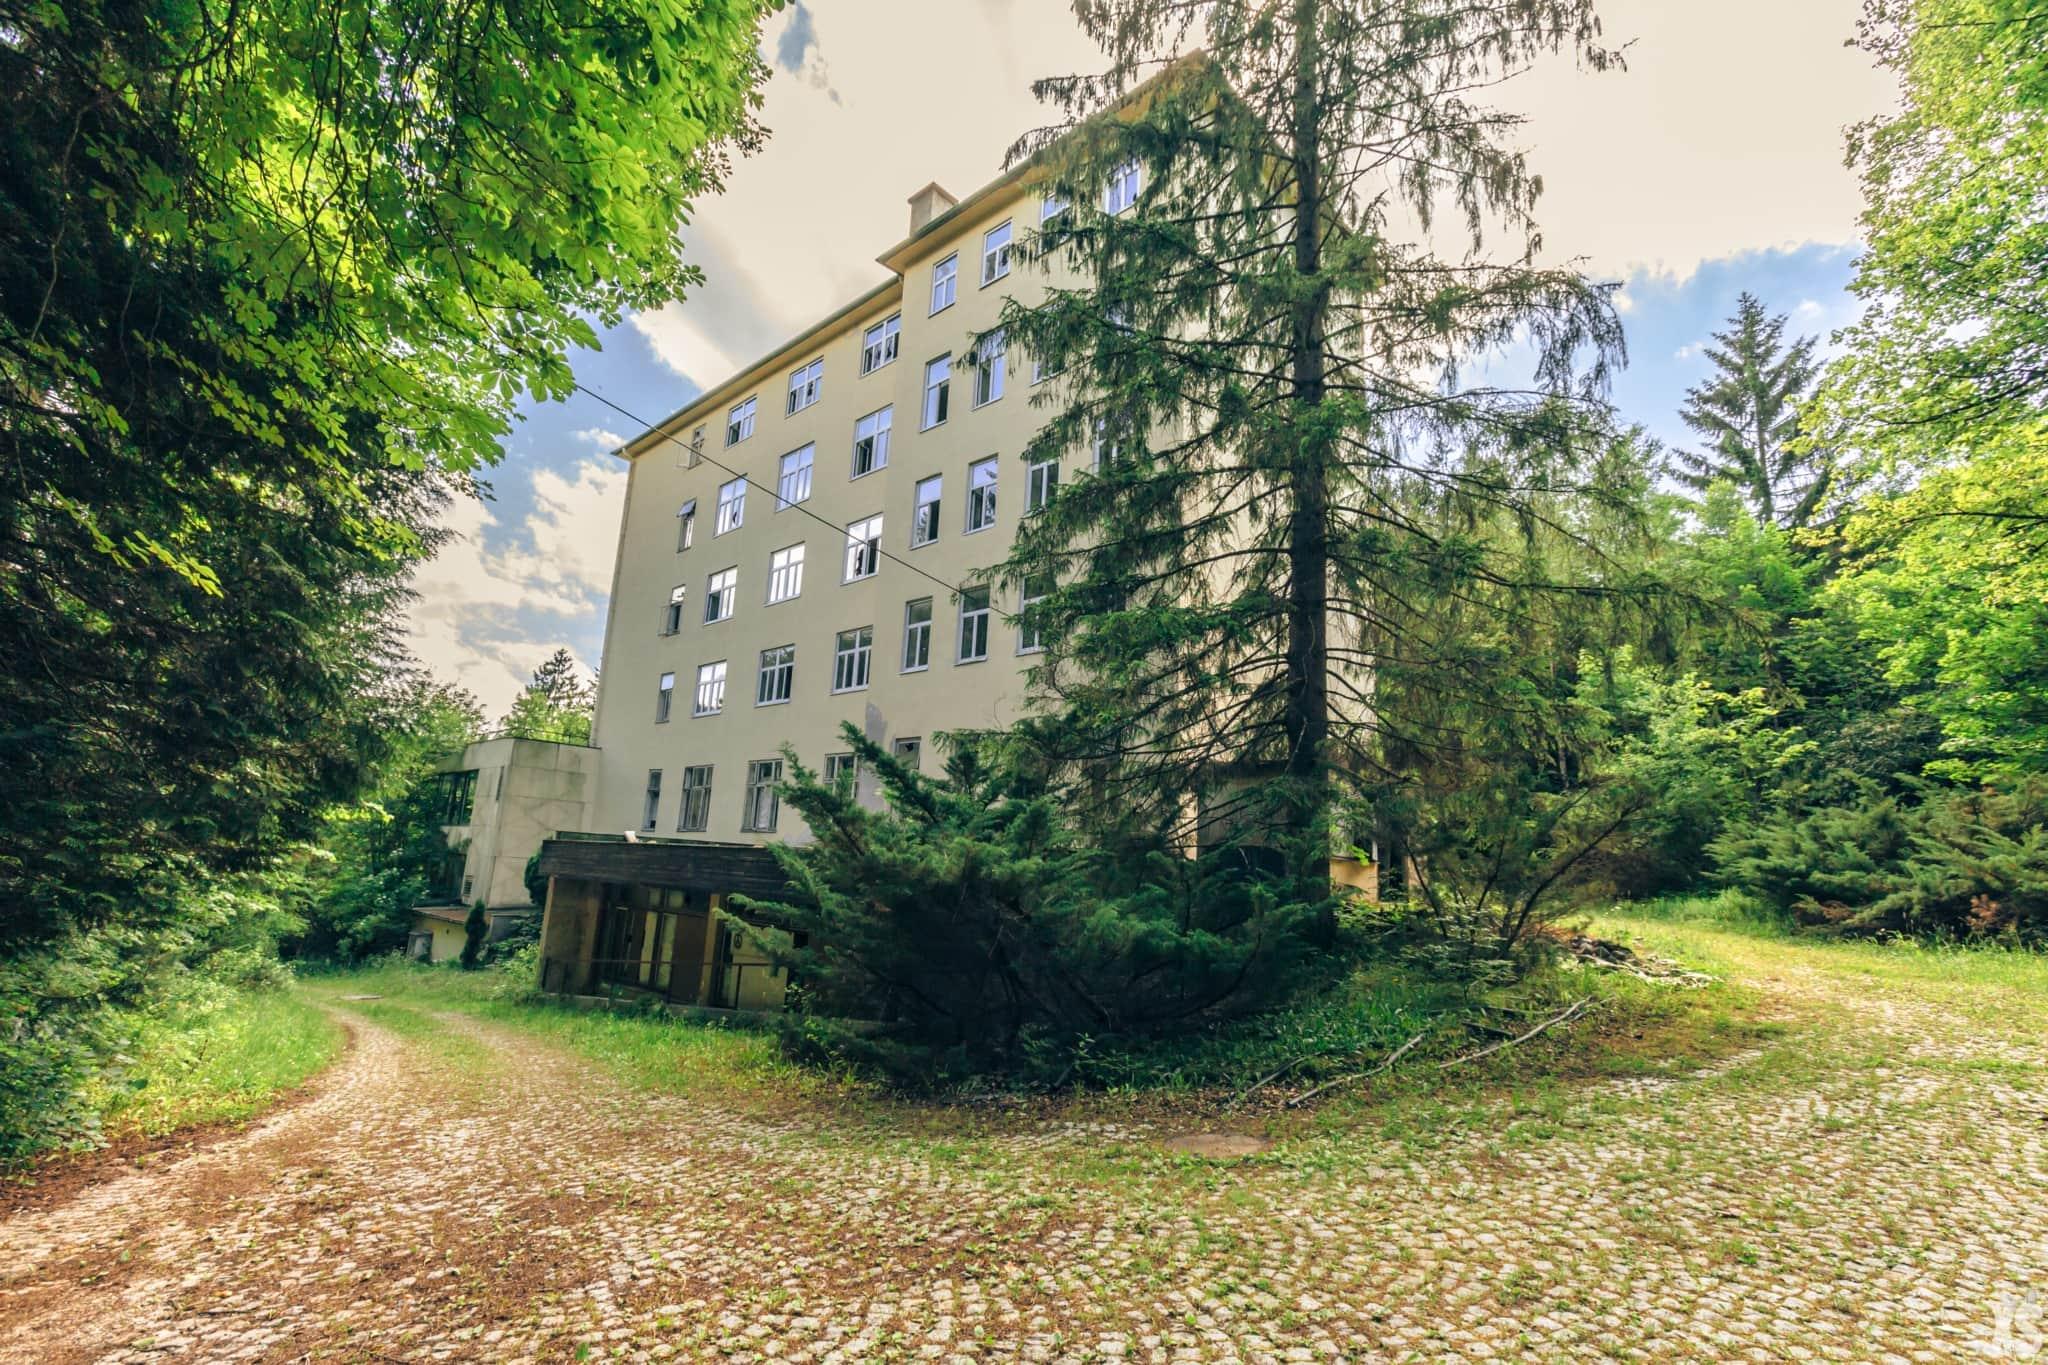 sanatorium-wienerwald-18